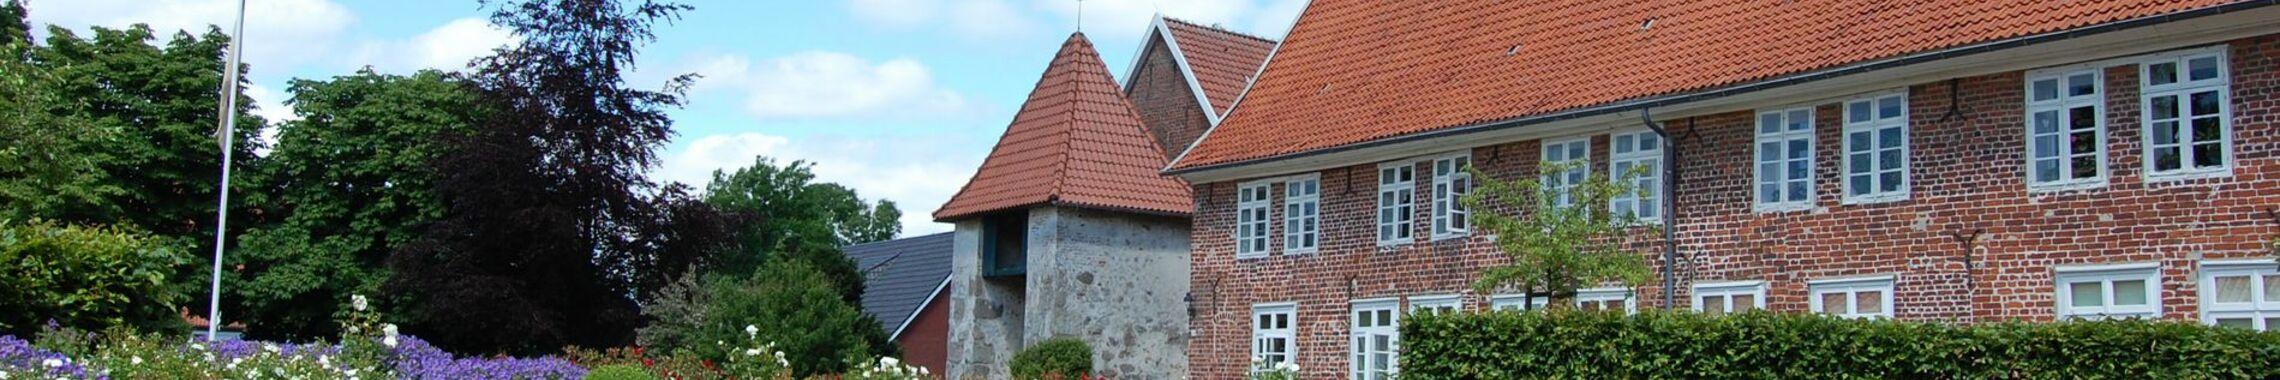 Kloster Neuenwalde